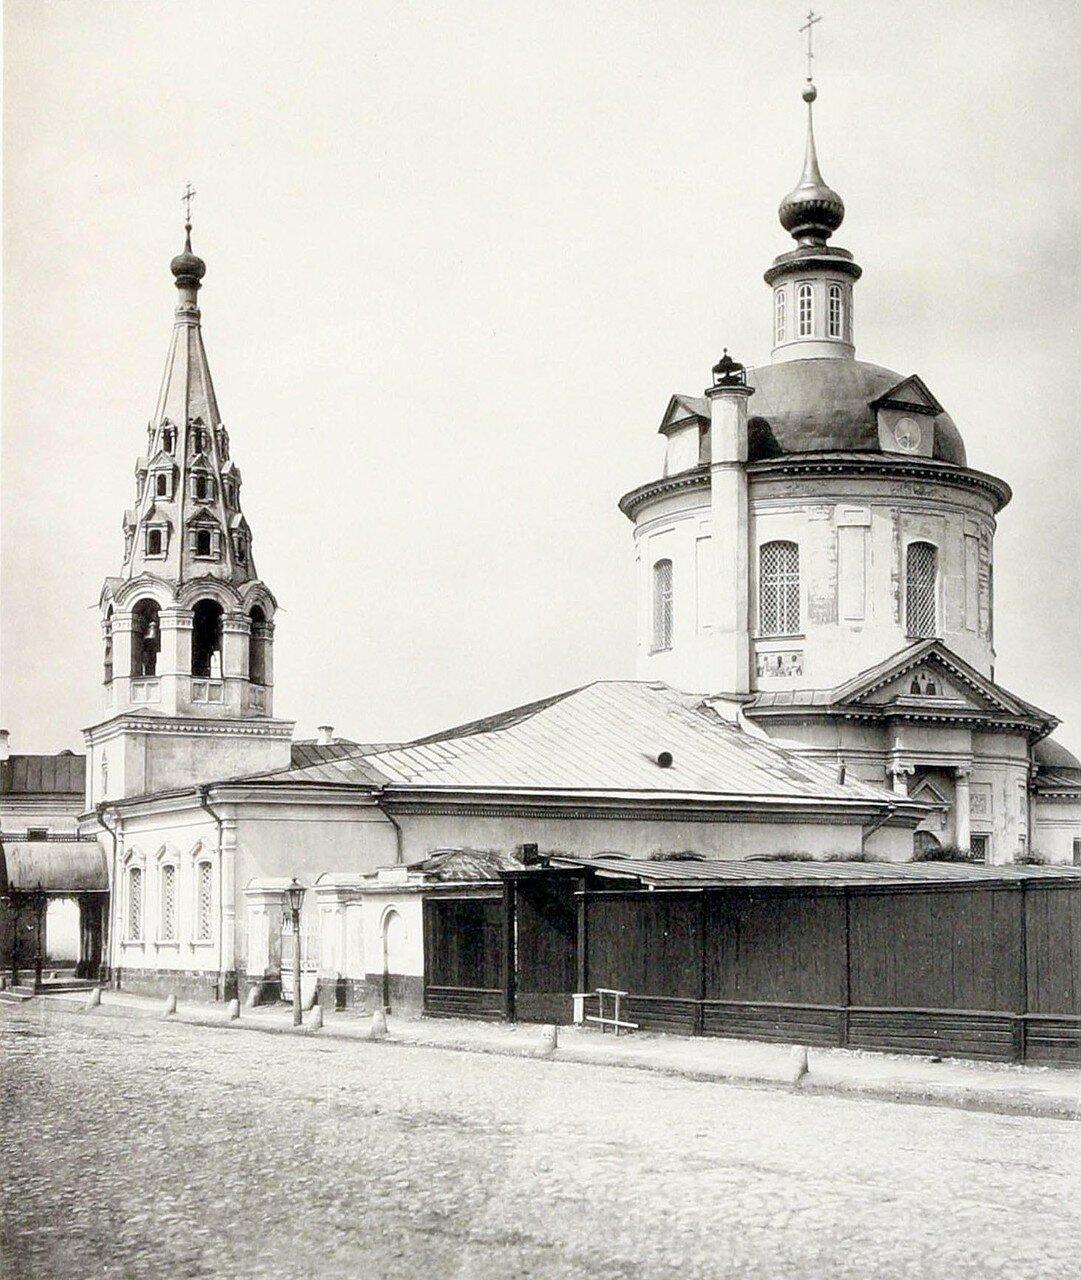 427. Церковь Воскресения Христова на Таганке